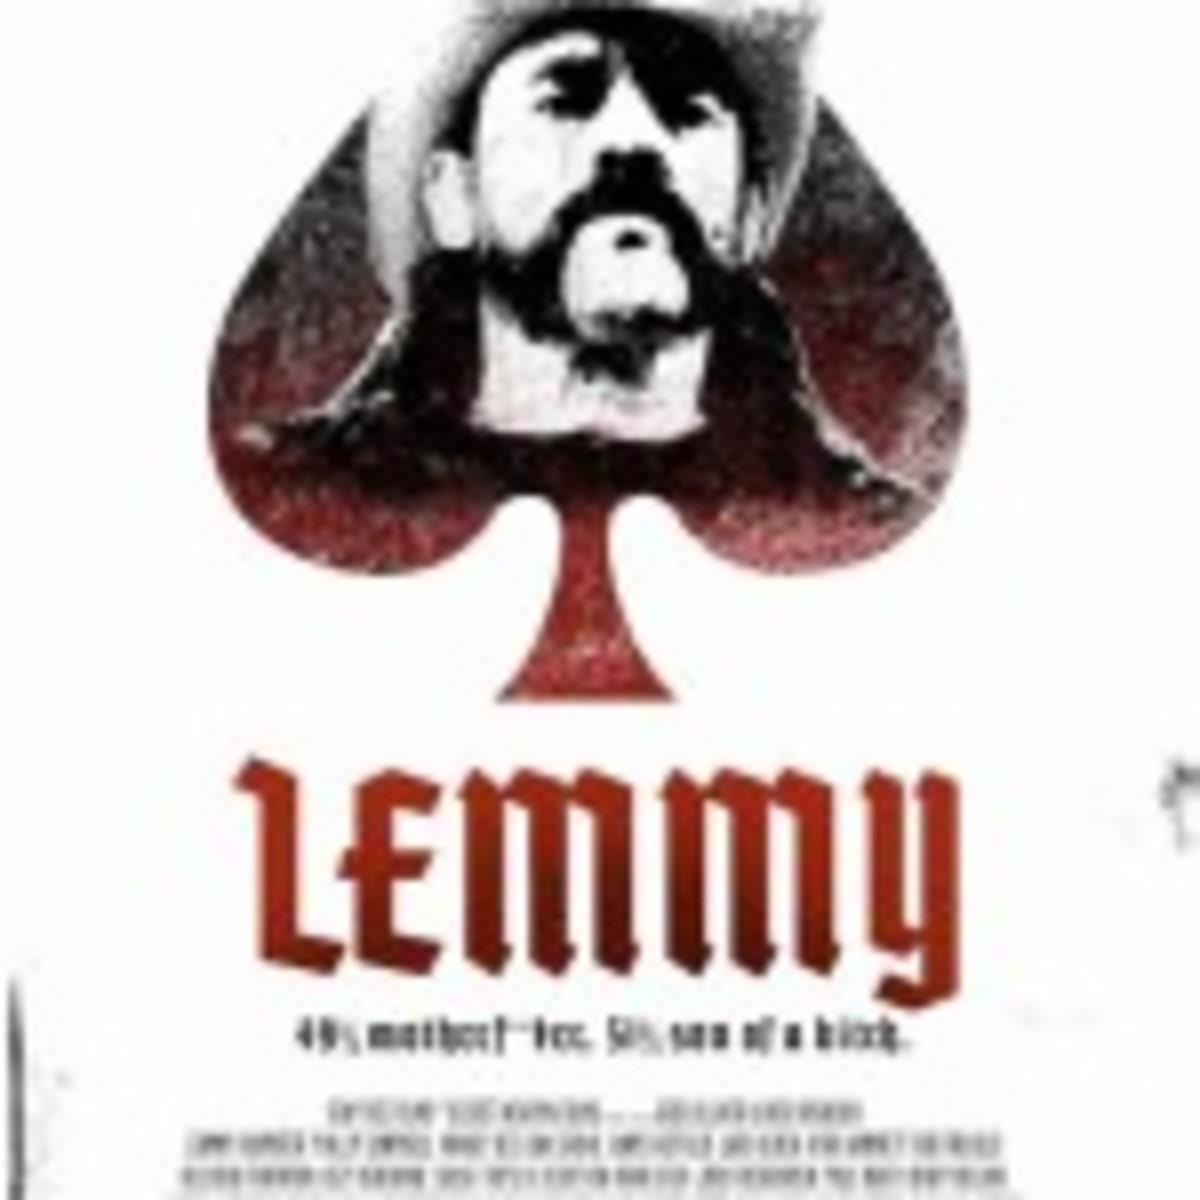 Lemmy_movie